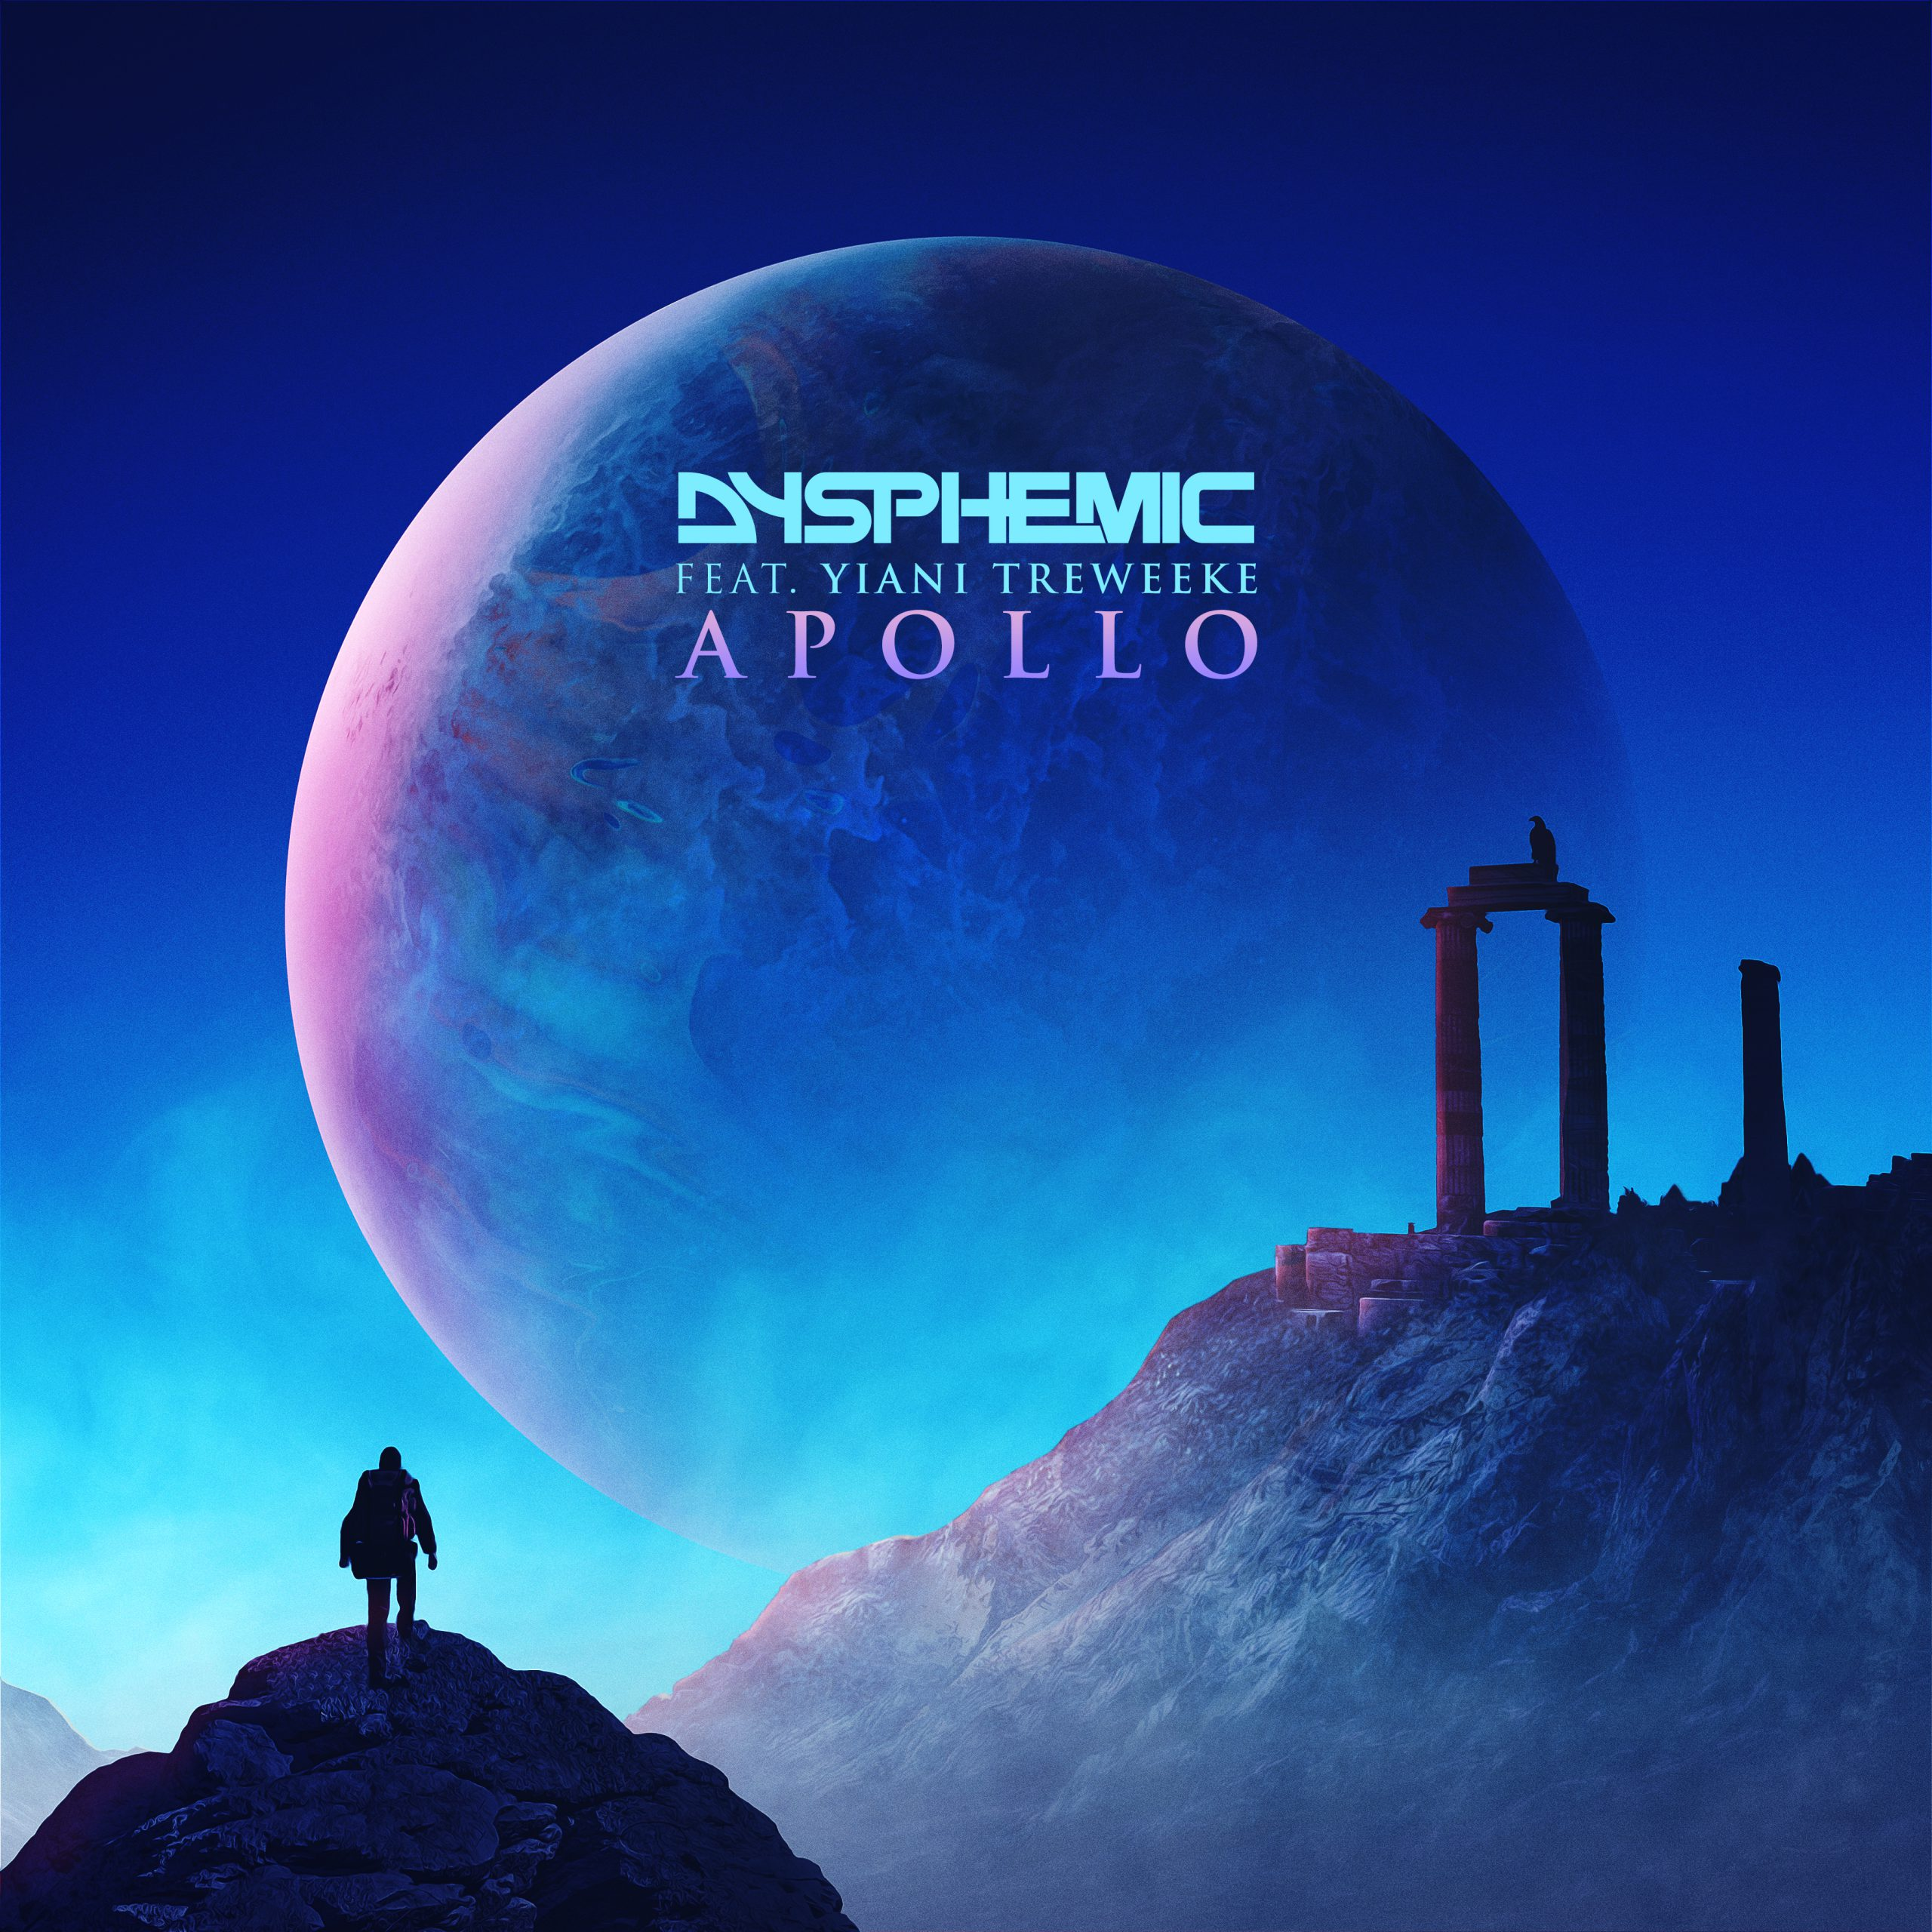 Dysphemic Apollo